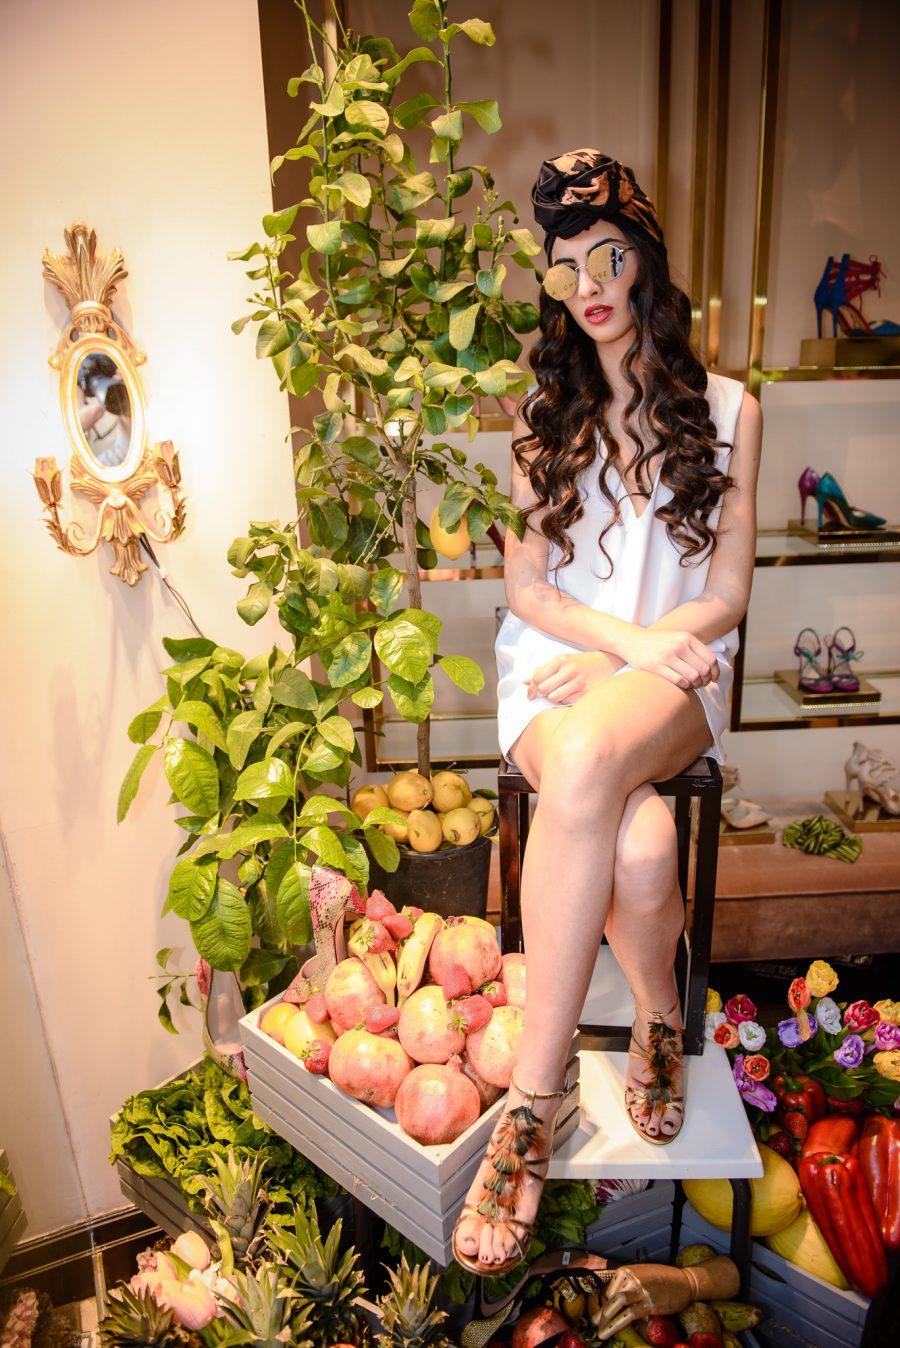 Fruit_Jungle-1011